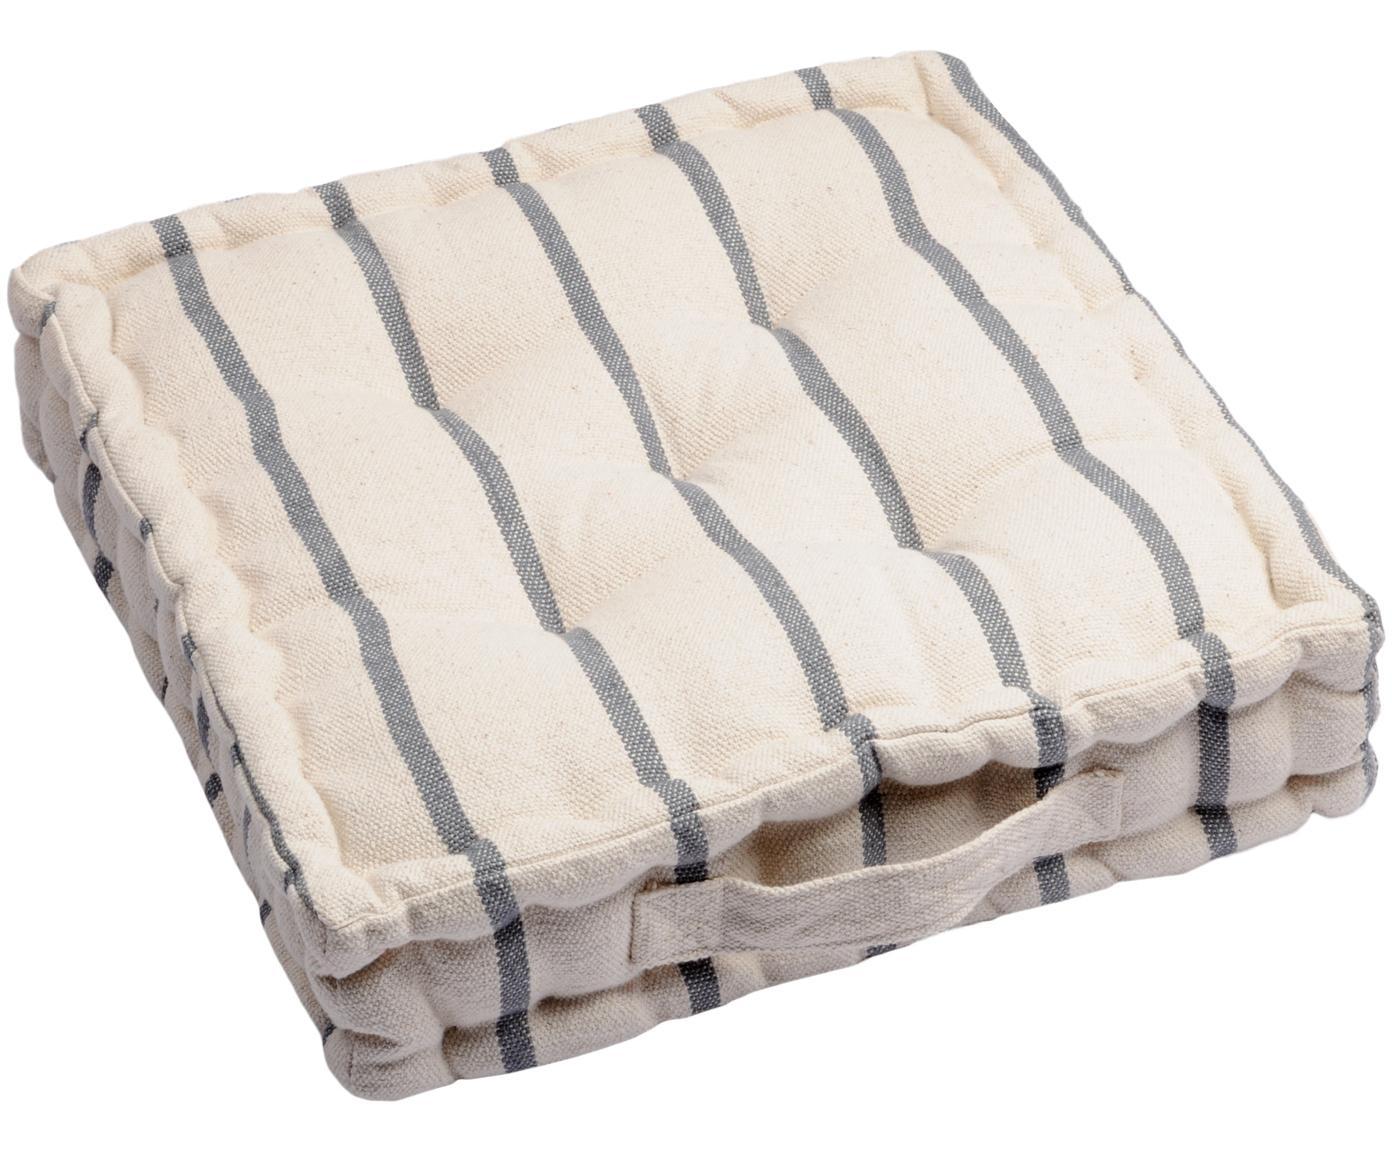 Kleine gestreepte vloerkussen Pampelonne, Antraciet, gebroken wit, 45 x 10 cm